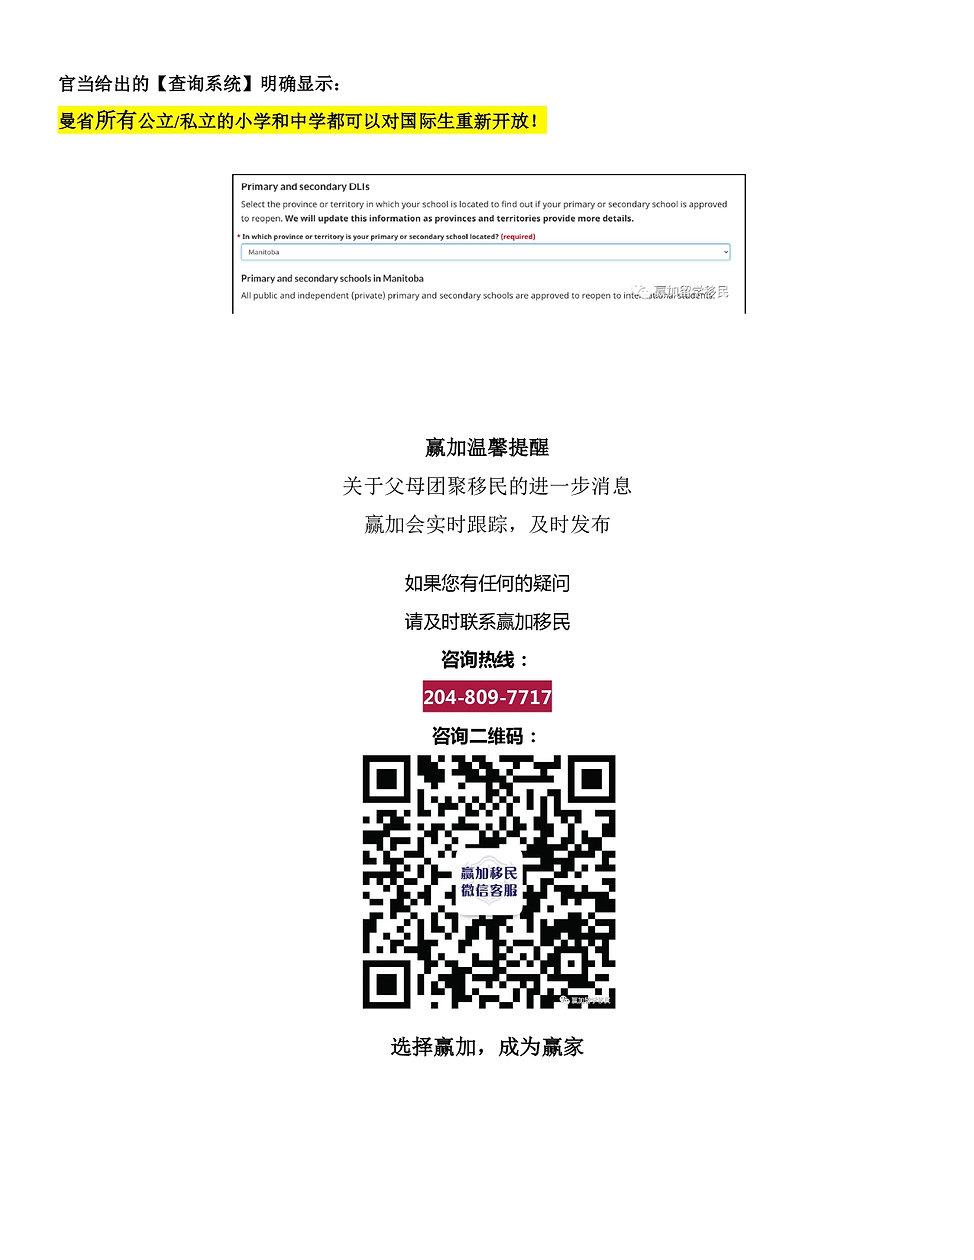 新生返加2_page-0004.jpg